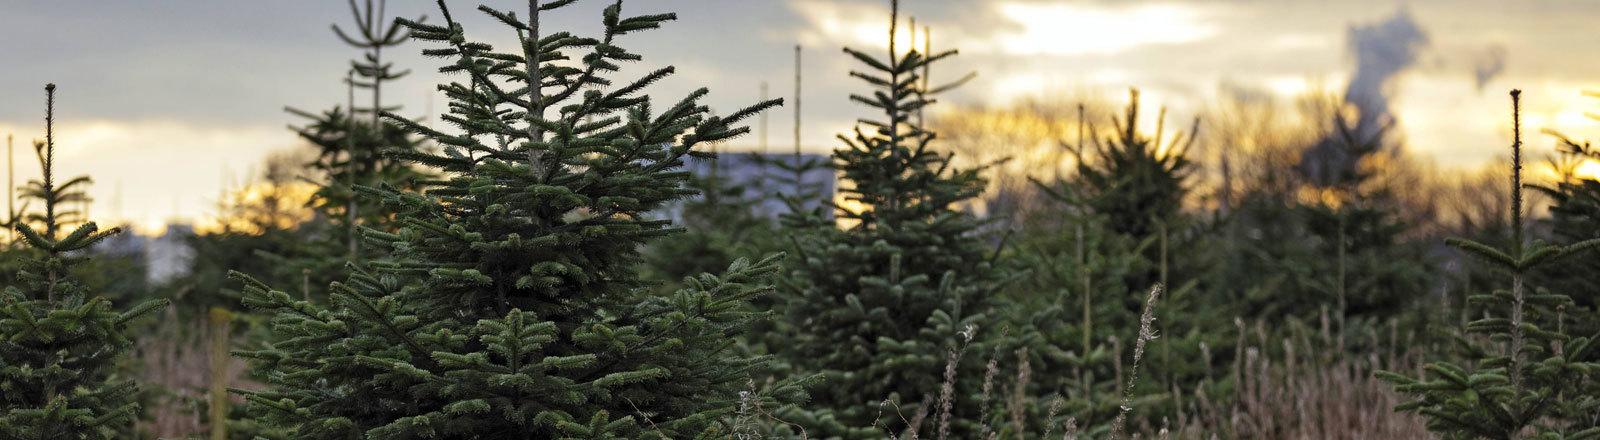 Tannenbäume auf einer Kölner Weihnachtsbaum-Plantage